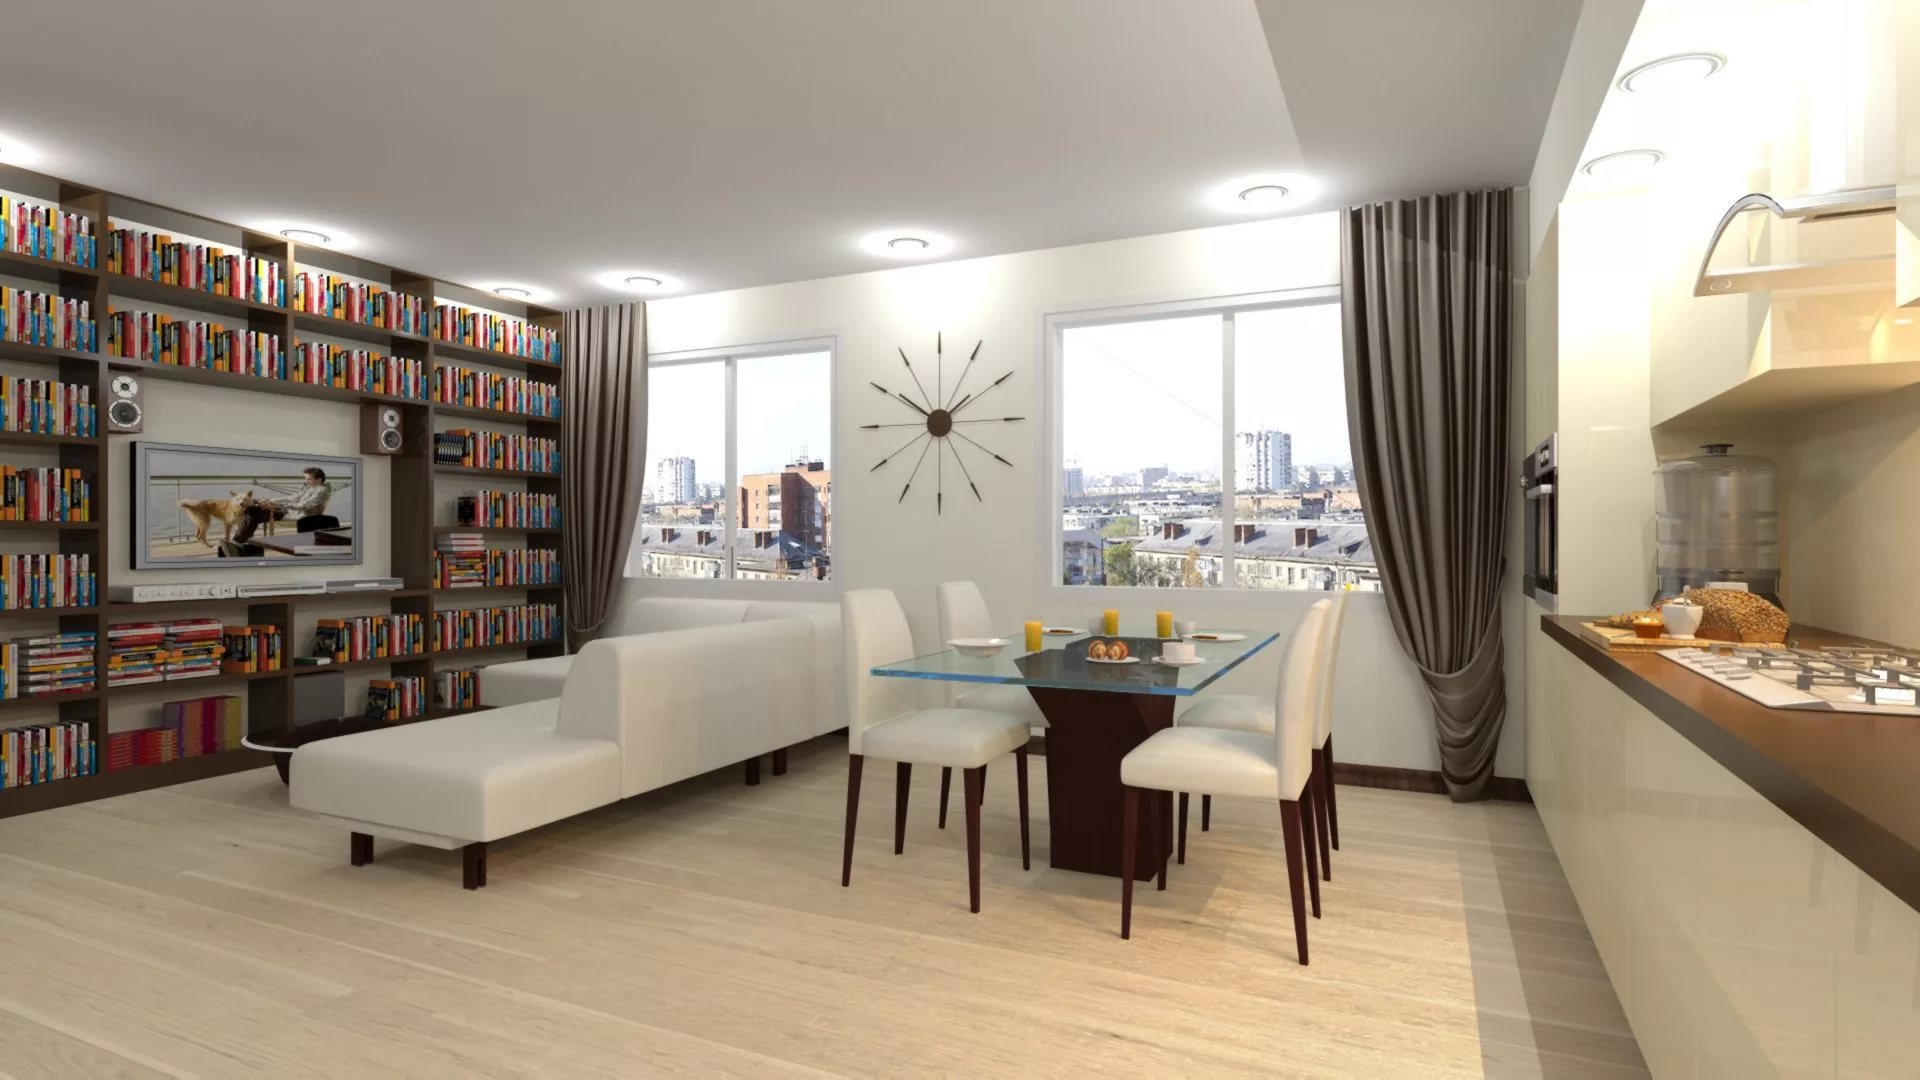 Размещение библиотеки в трехкомнатной квартире